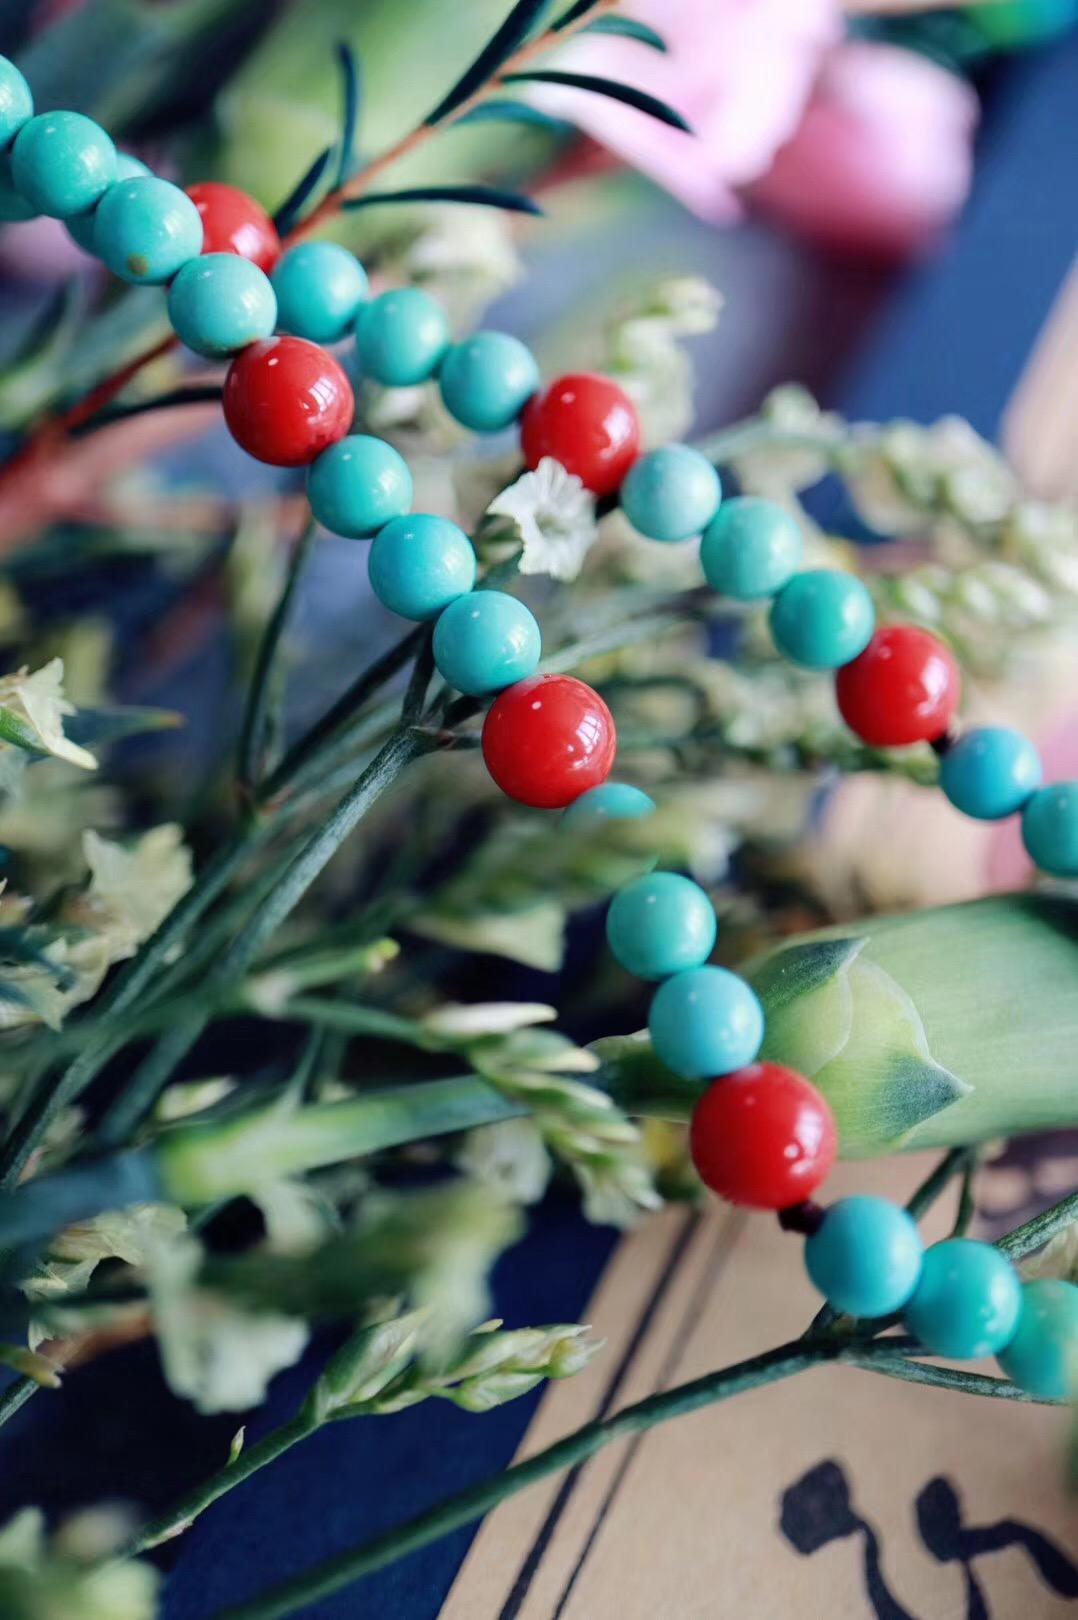 【南红玛瑙 | 绿松石 | 蜜蜡】 时间会沉淀真正的富有,烟火会检验纯粹的丰腴-菩心晶舍